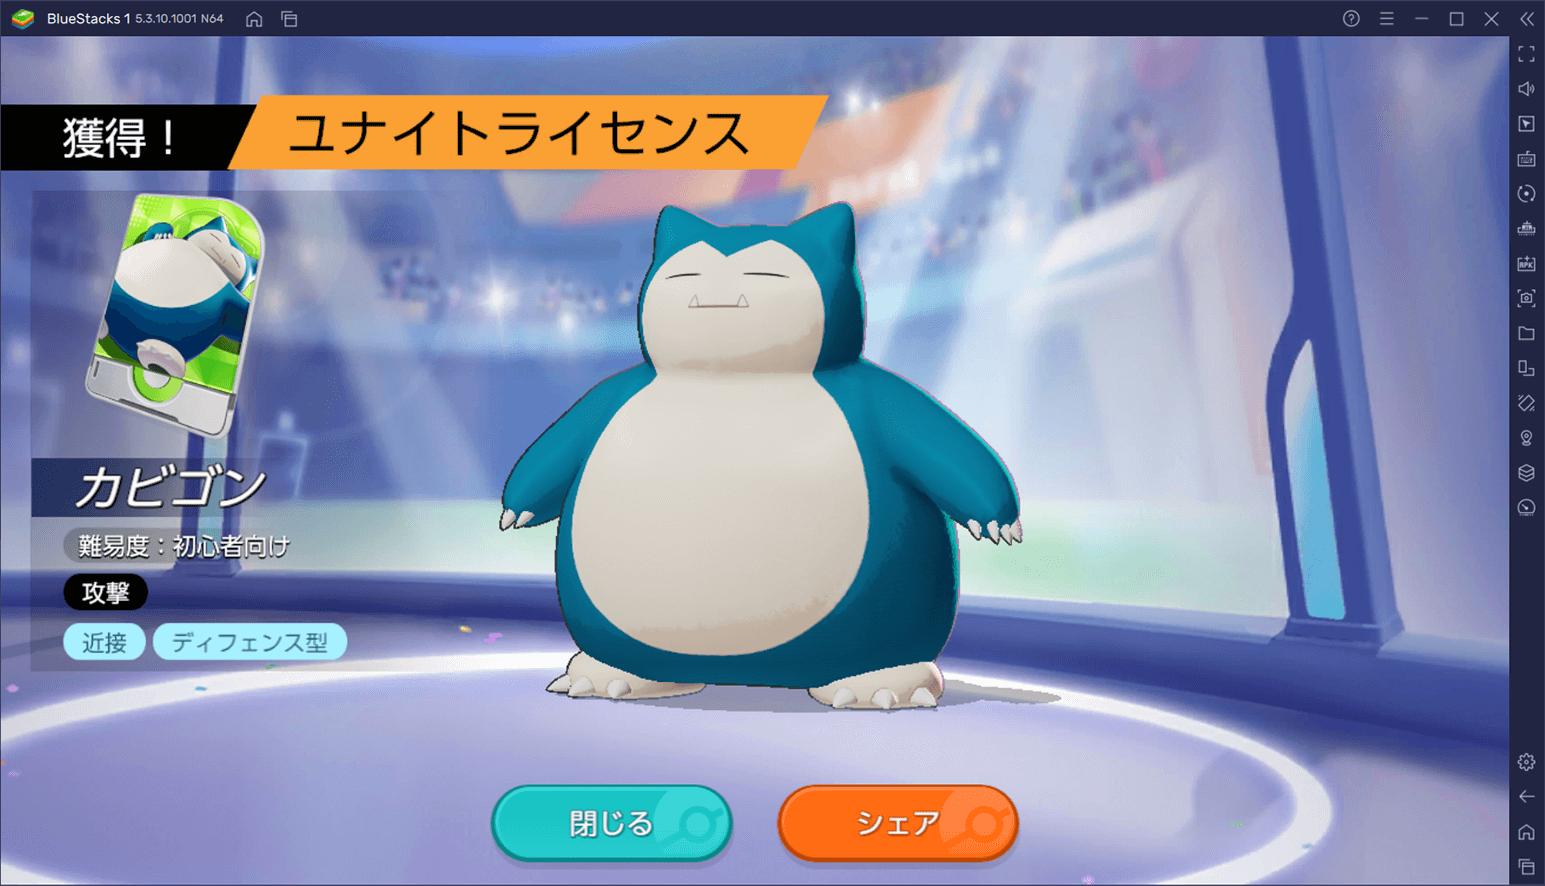 BlueStacksを使ってPCで『Pokémon UNITE(ポケモンユナイト)』を遊ぼう